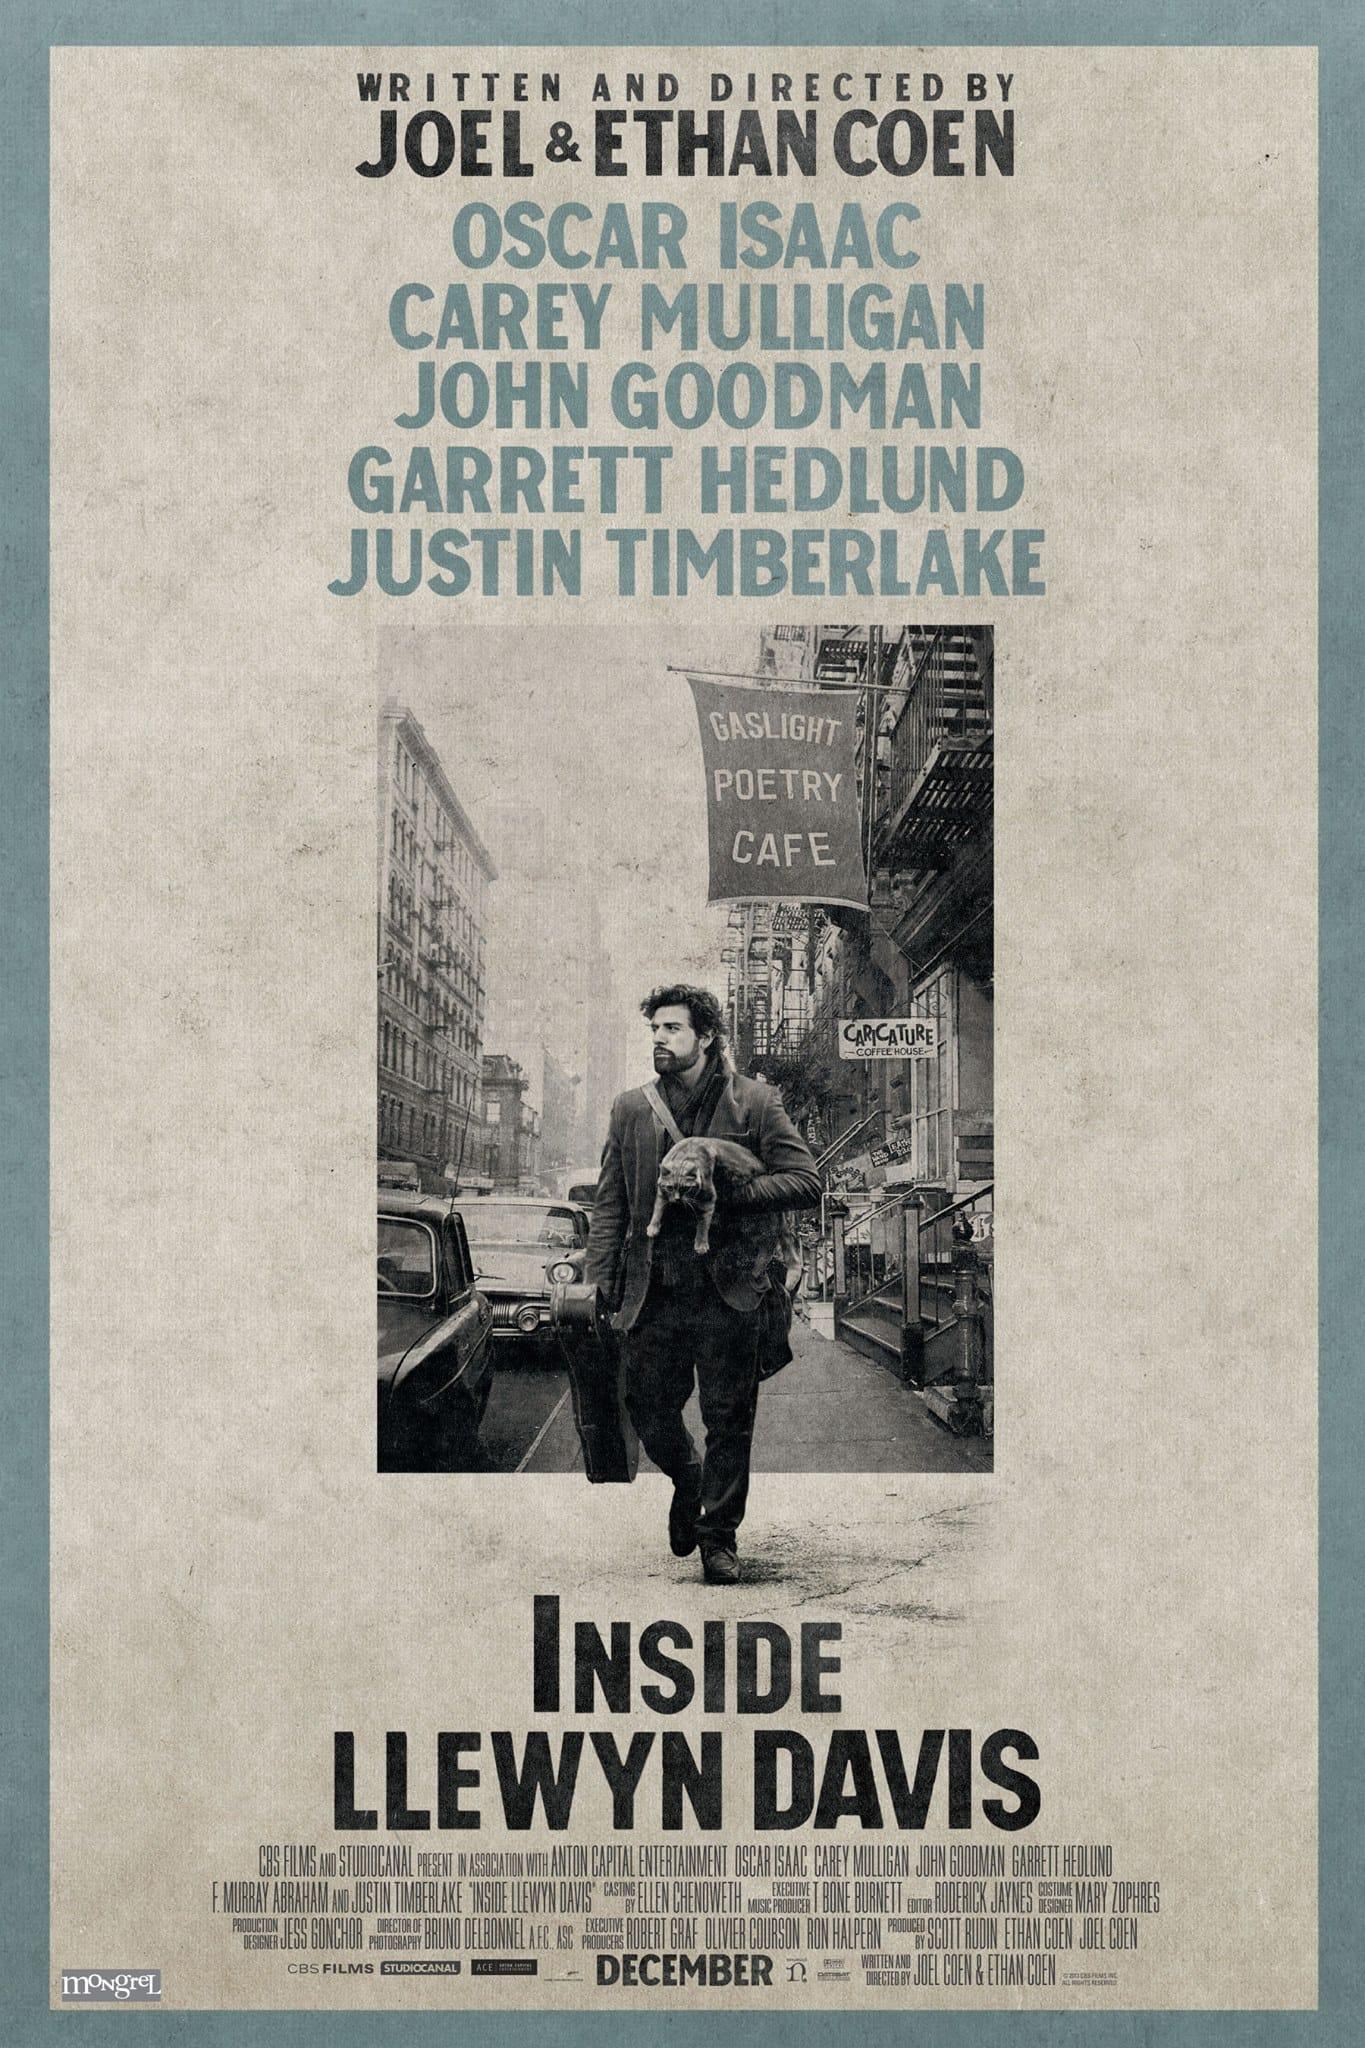 inside llewyn davis poster-min (1)